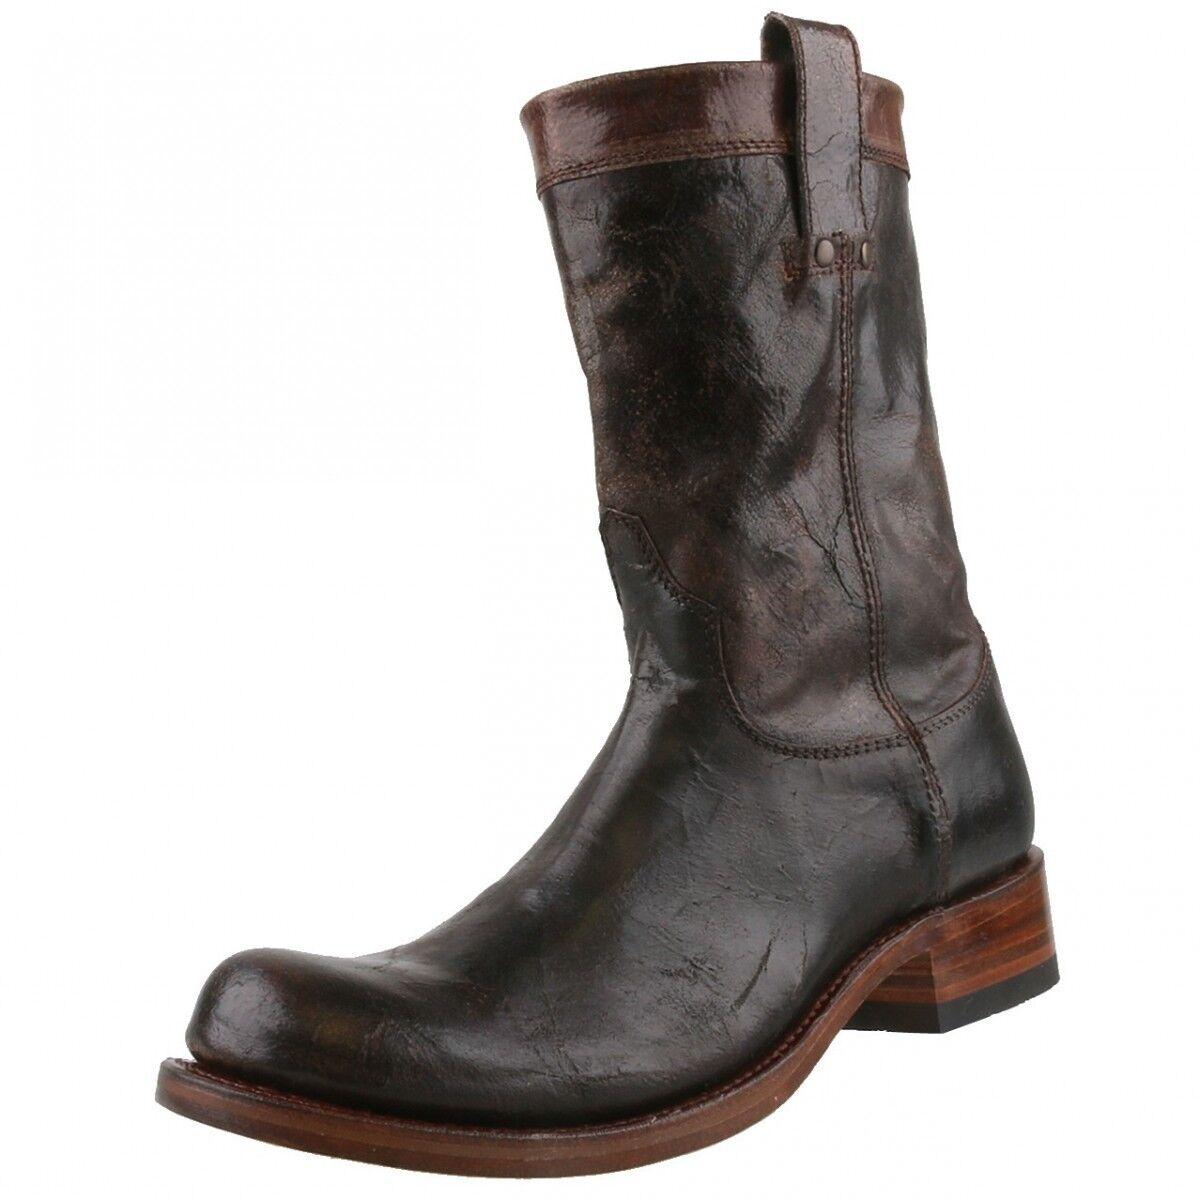 Nuevo Sendra Biker-botas engineerbotas botas de cuero 7133 marrón